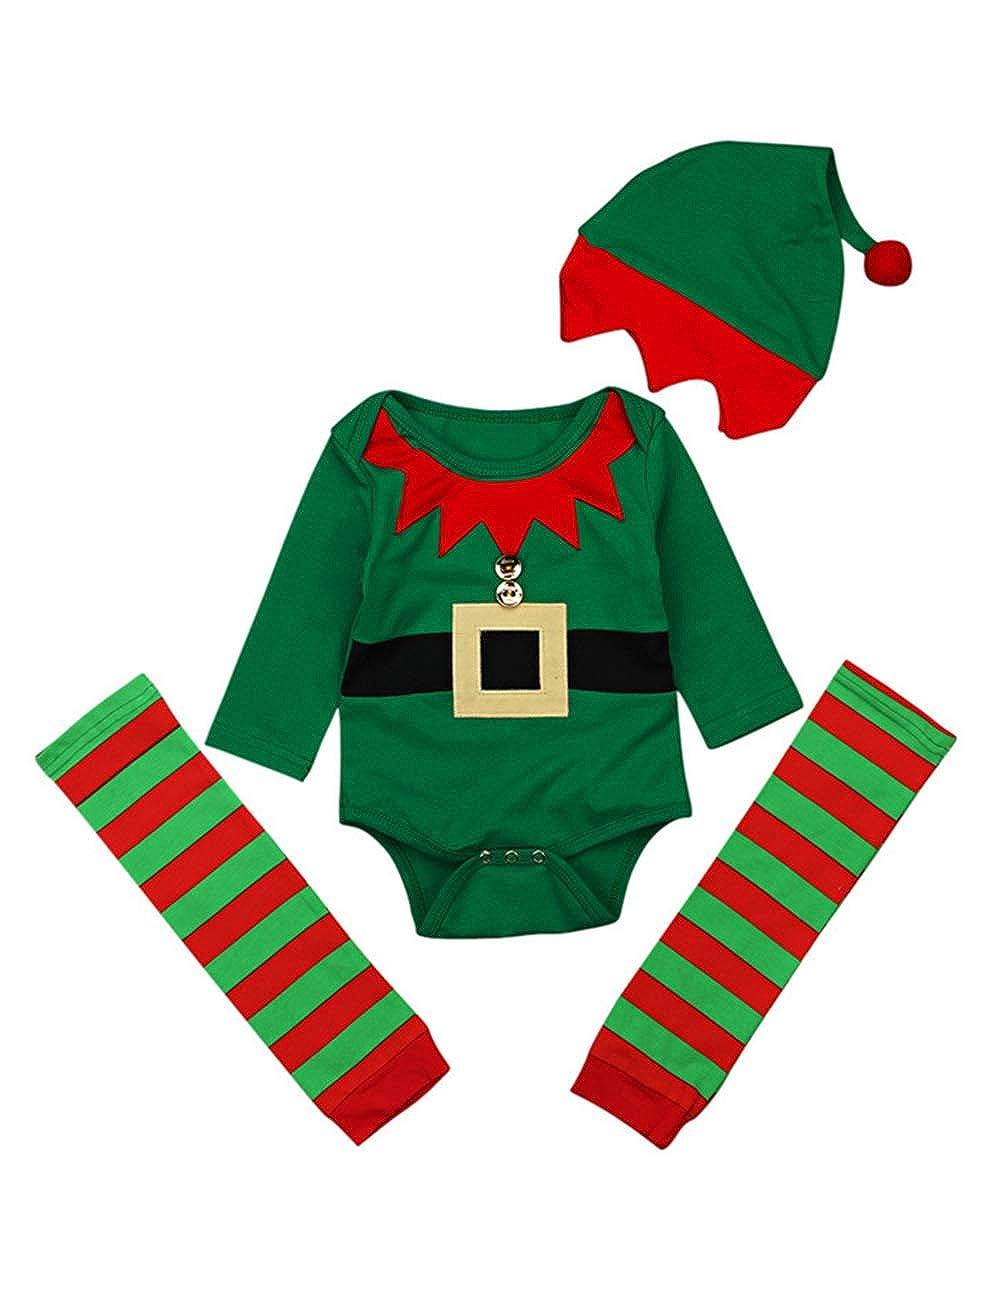 BESBOMIG Unisexo Navidad Impreso Mameluco Jumpsuit Moda - Bebé Niña Cutey 3 Piezas Ropa Conjuntos para Primavera Otoño